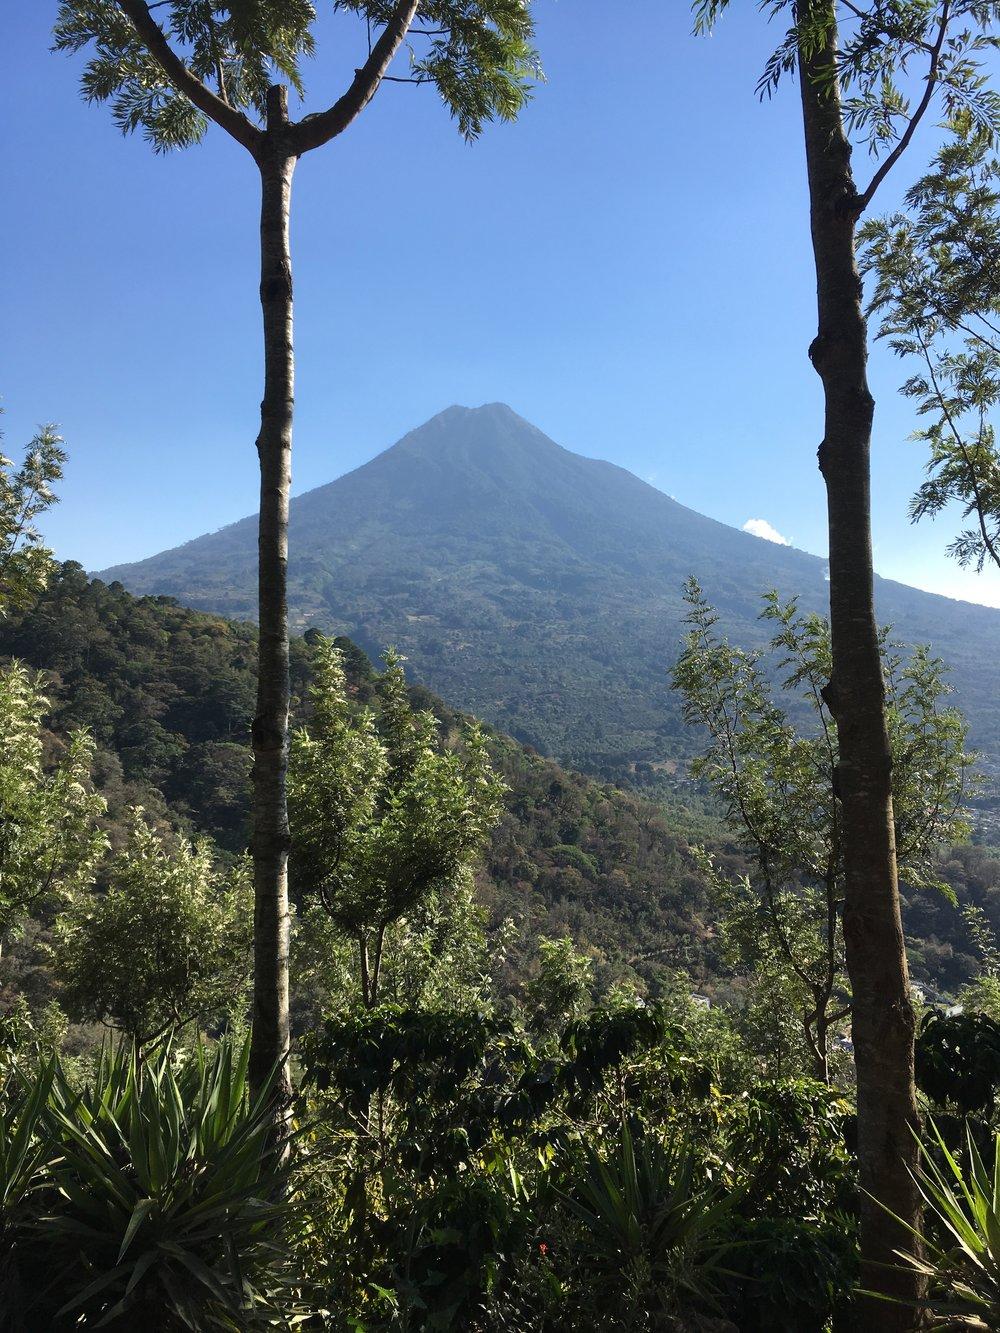 Volcán de Agua from Finca Santa Clara.